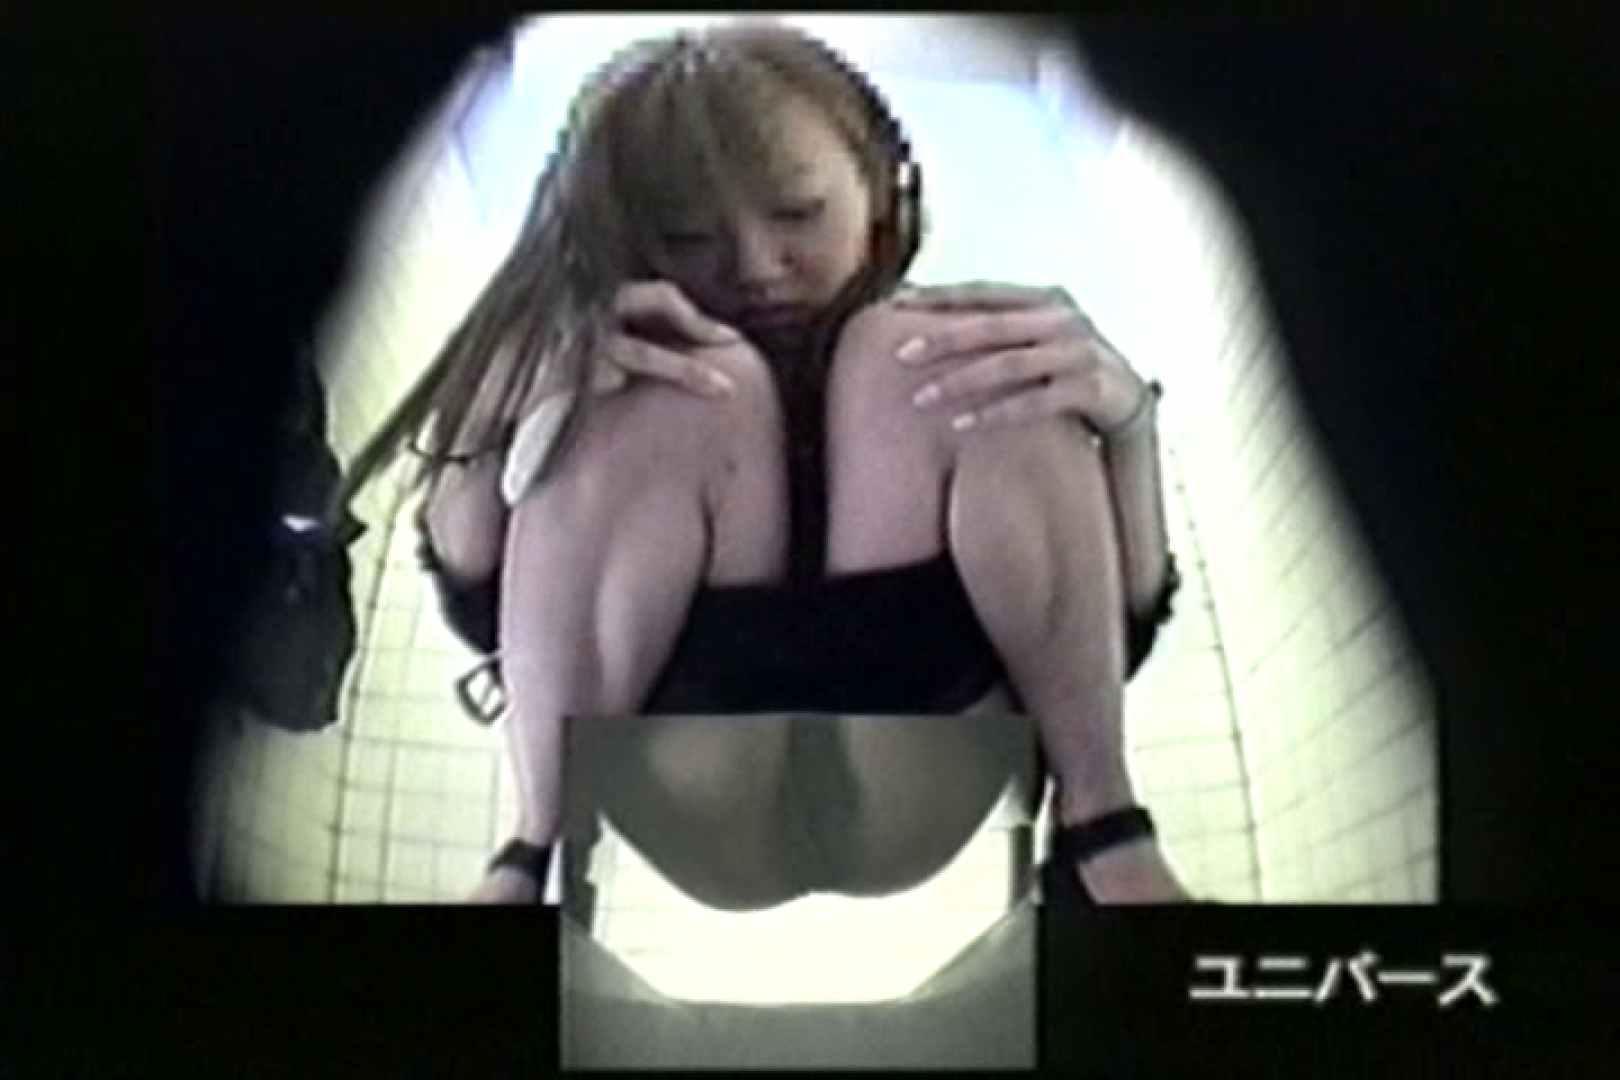 下半身シースルー洗面所Vol.2 美女ヌード天国 盗み撮り動画キャプチャ 69PIX 39